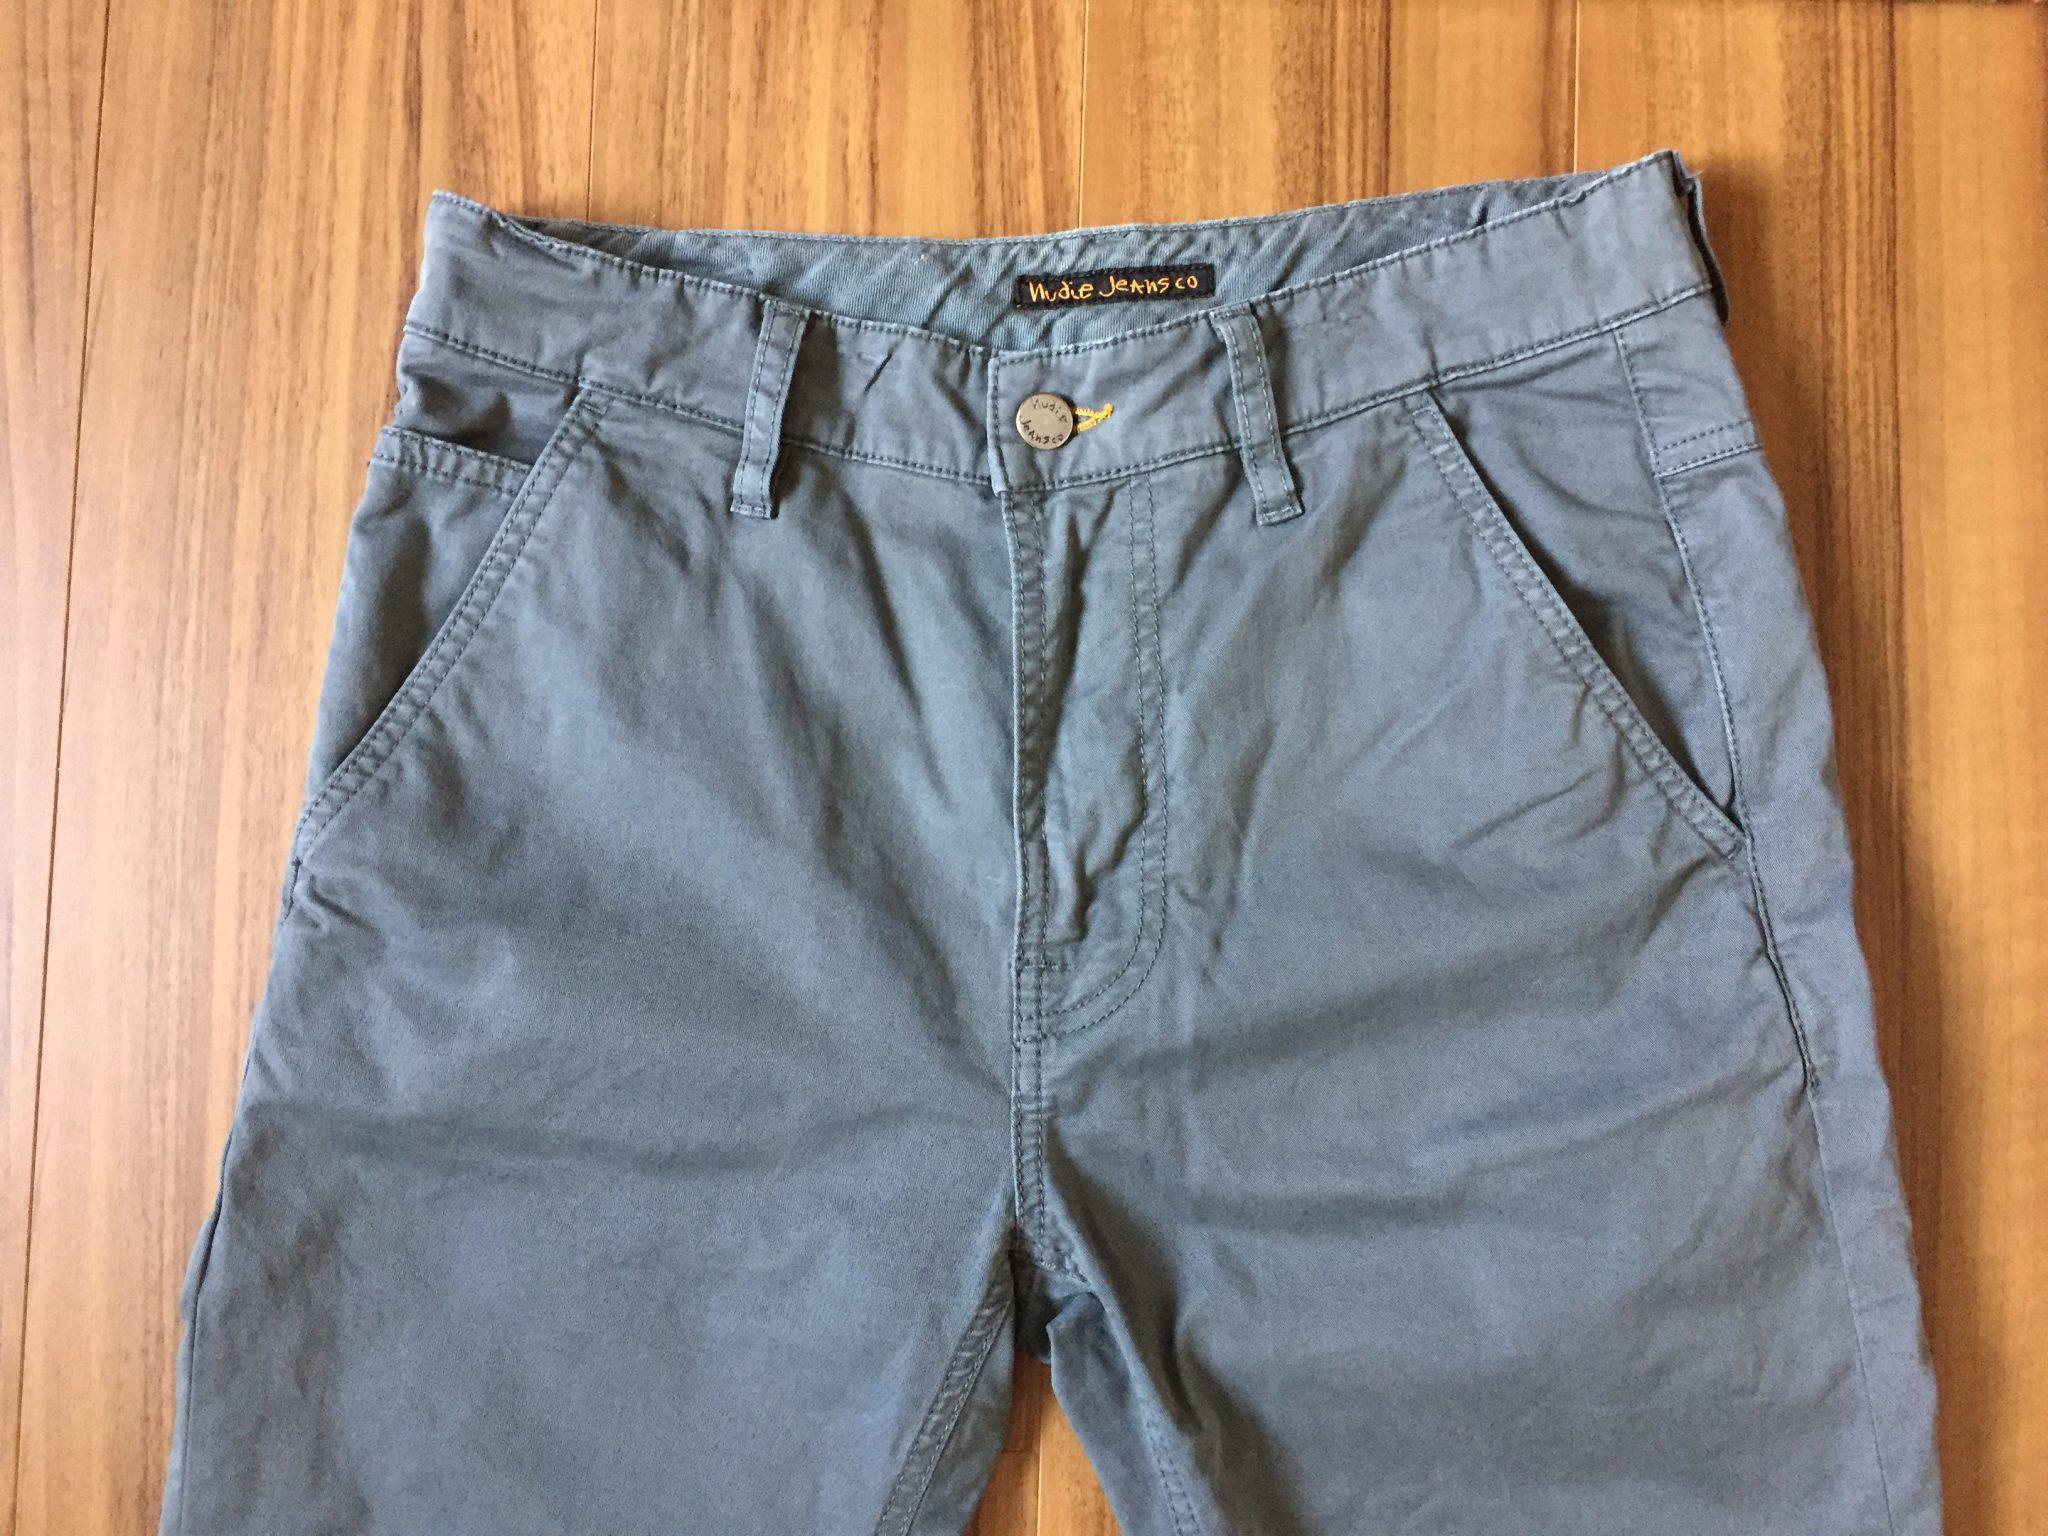 NudieJeans(ヌーディジーンズ)Slim Adam~エイジング(経年変化)で愛着が増してきたジャストサイズのチノパンです